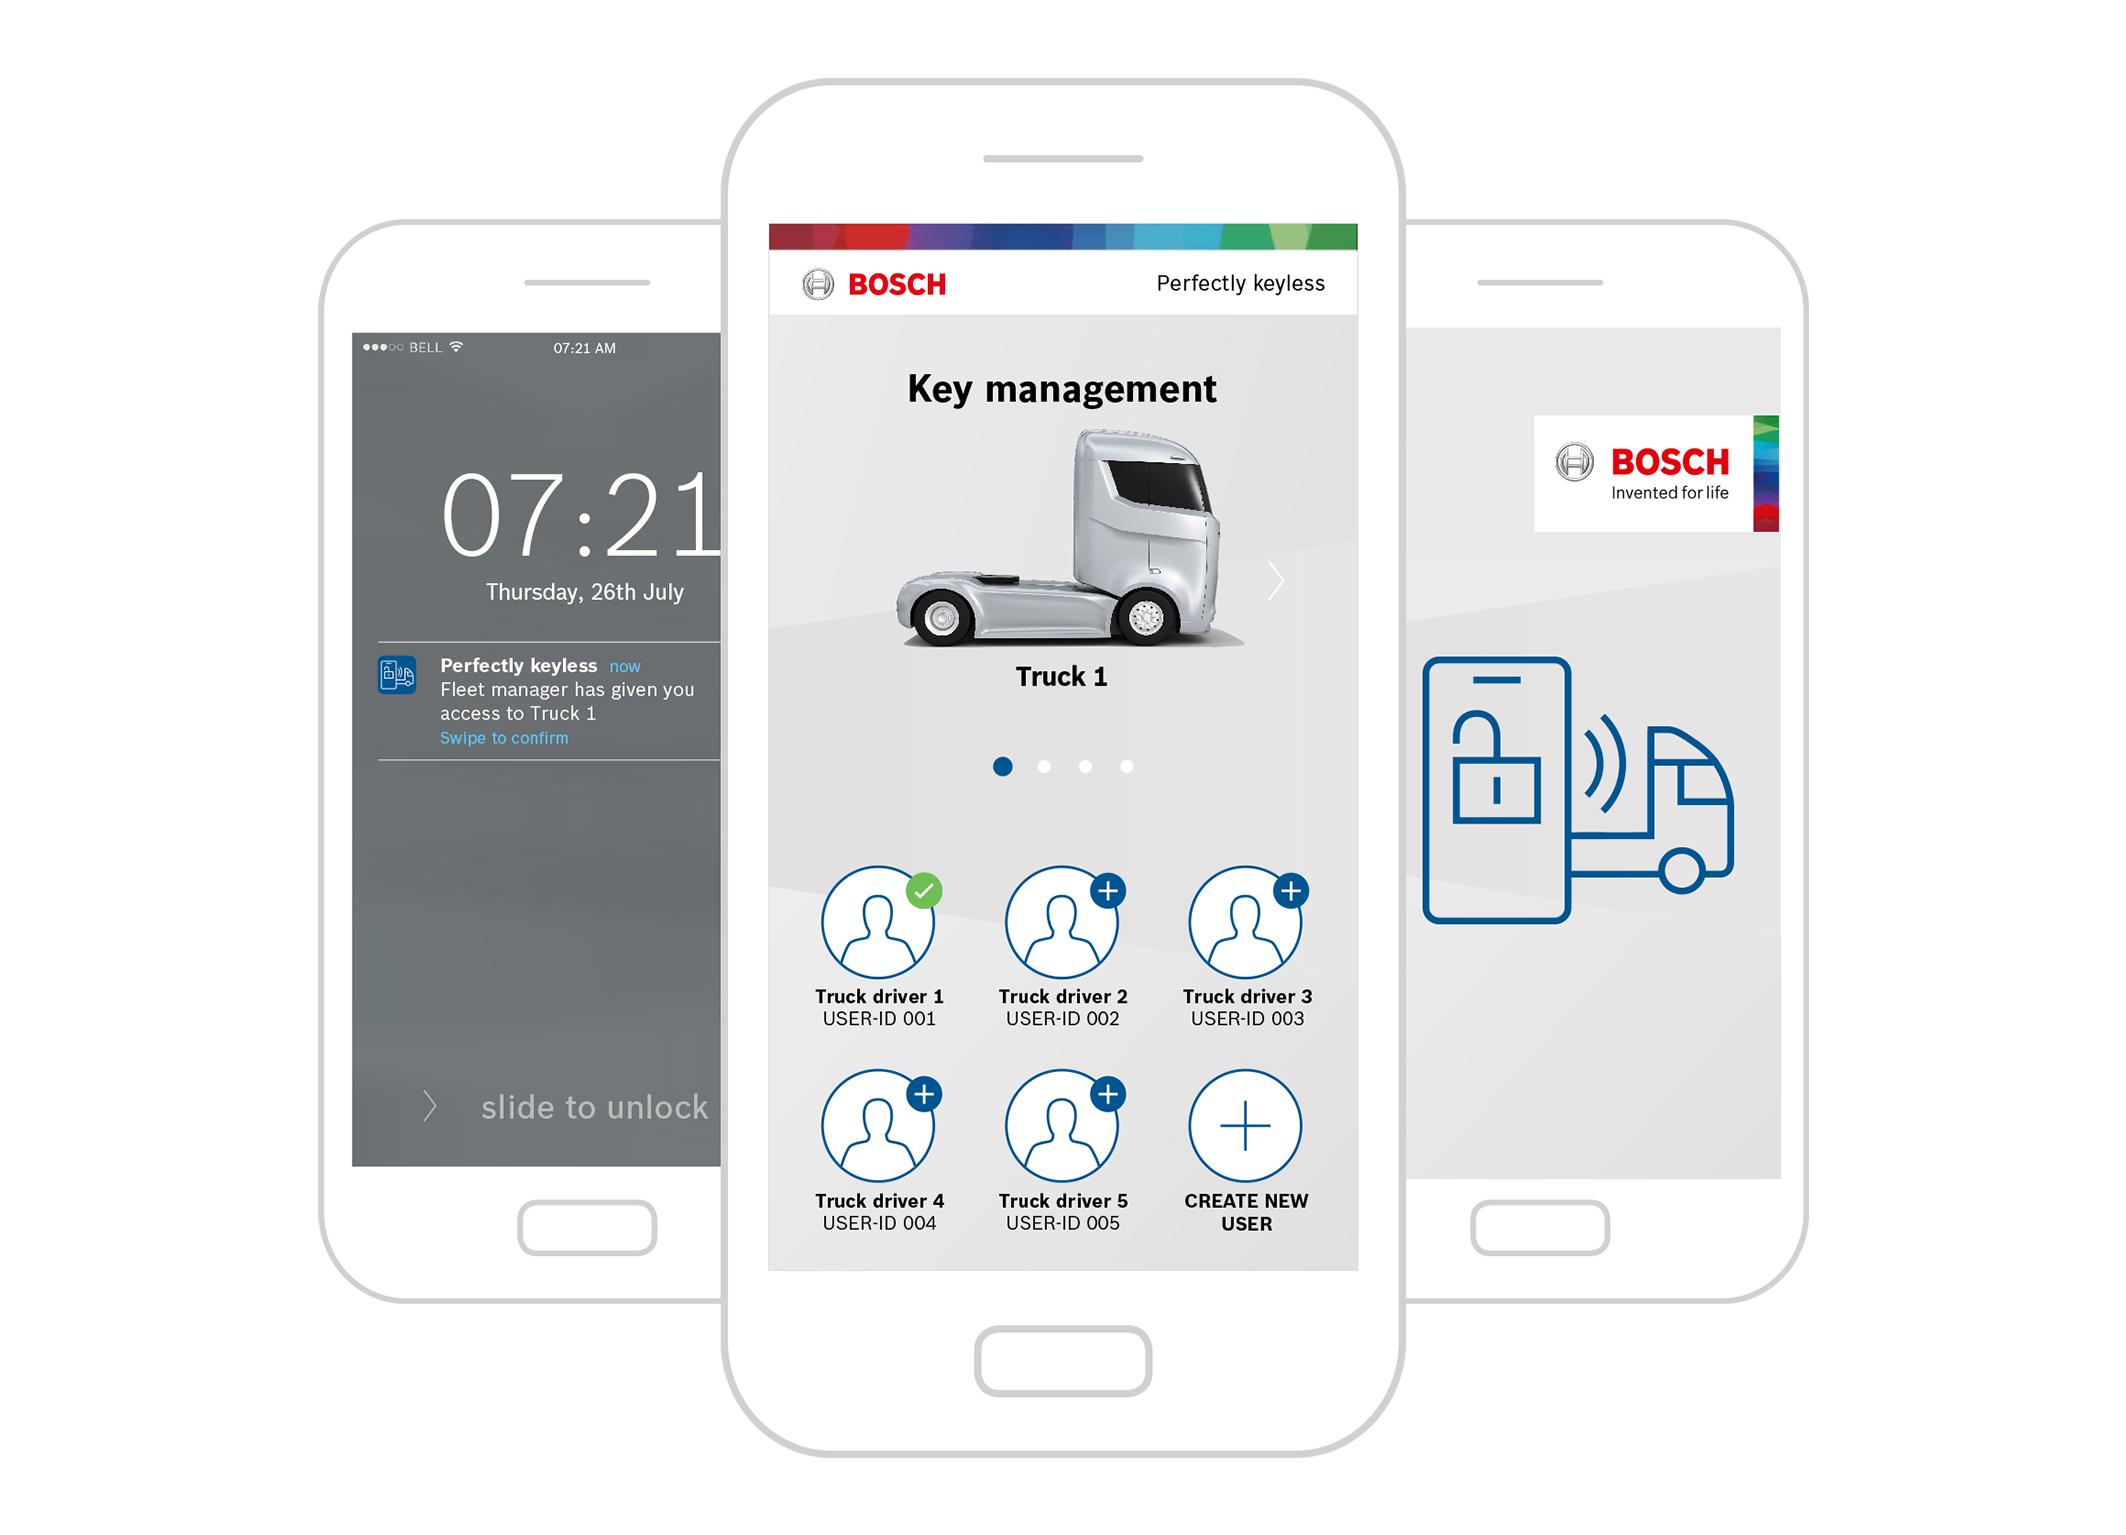 Bezpečná a bezstresová správa kľúčov pomocou inteligentného telefónu